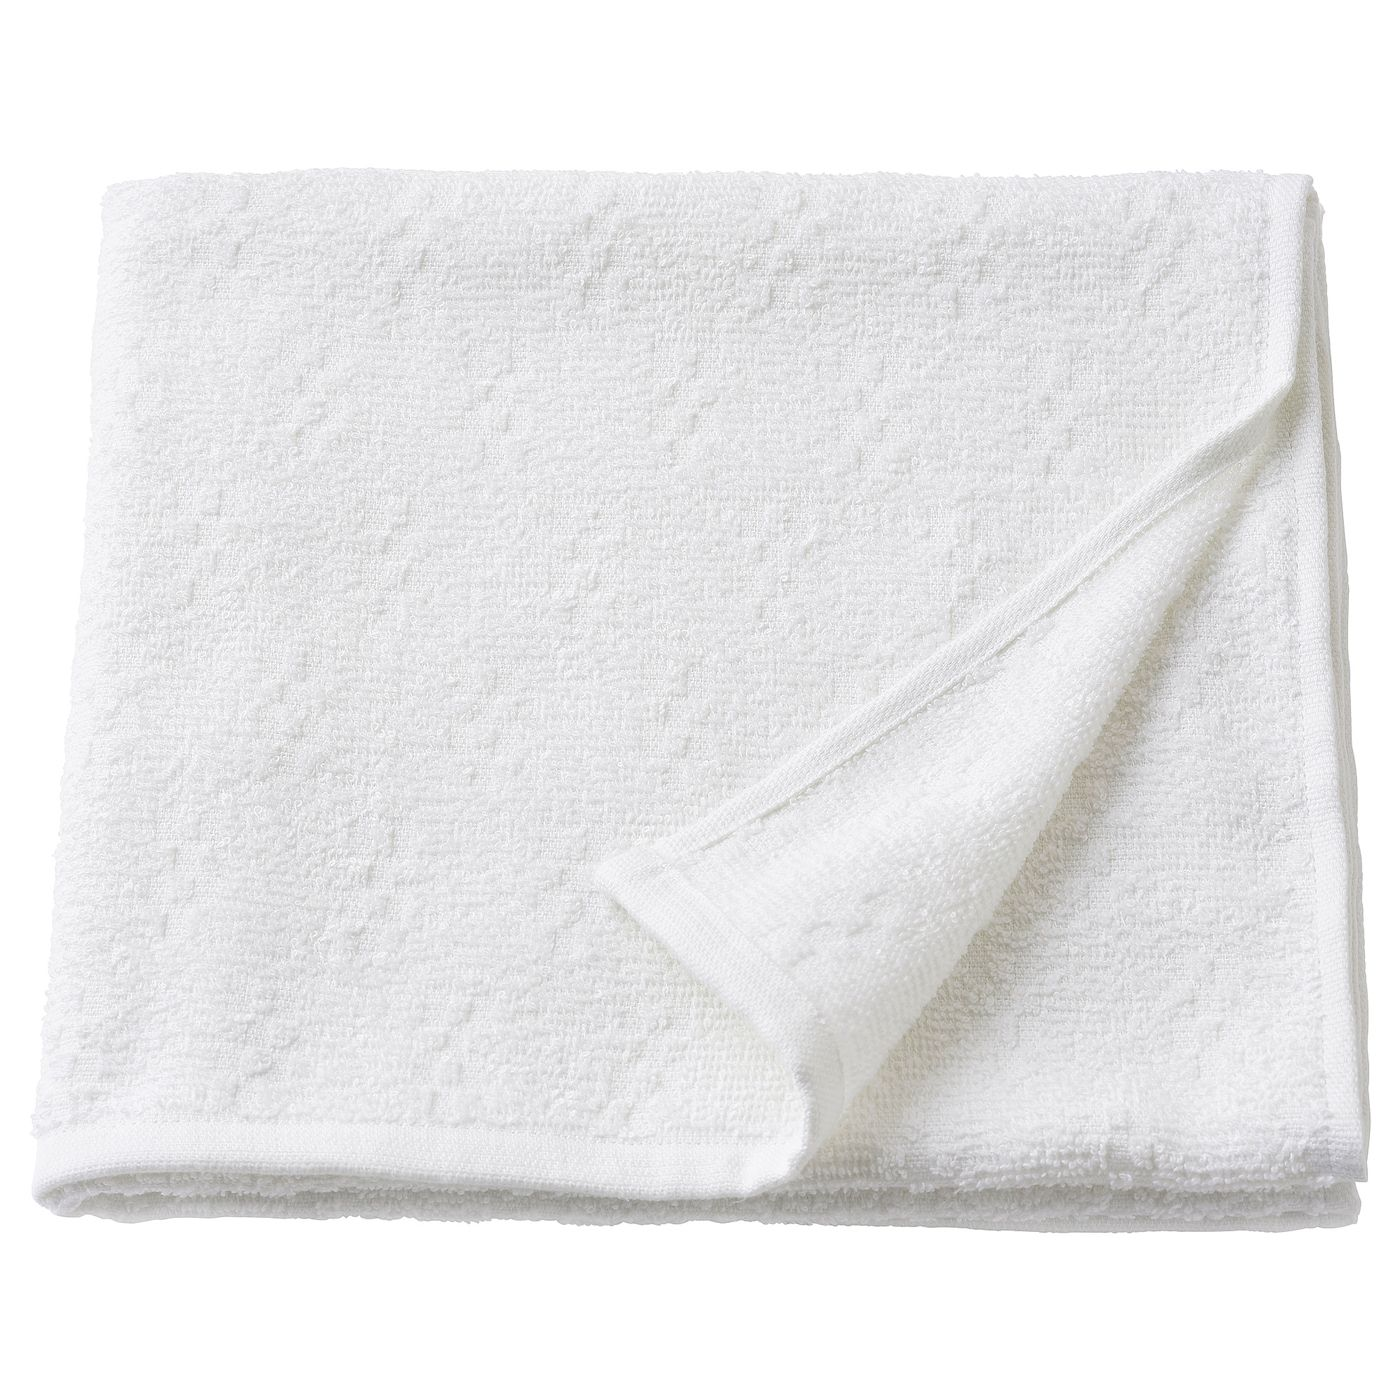 Narsen Drap De Bain In 2020 Ikea En Handdoeken